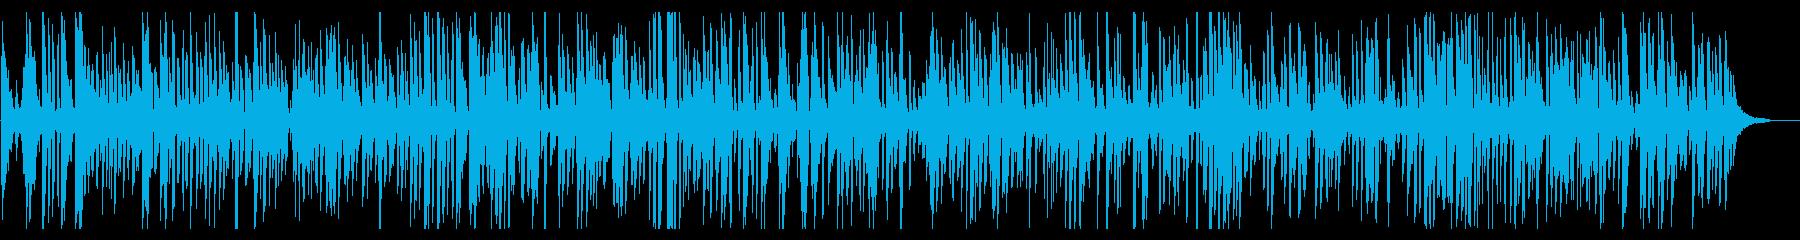 おしゃれでかっこいいジャズピアノトリオの再生済みの波形